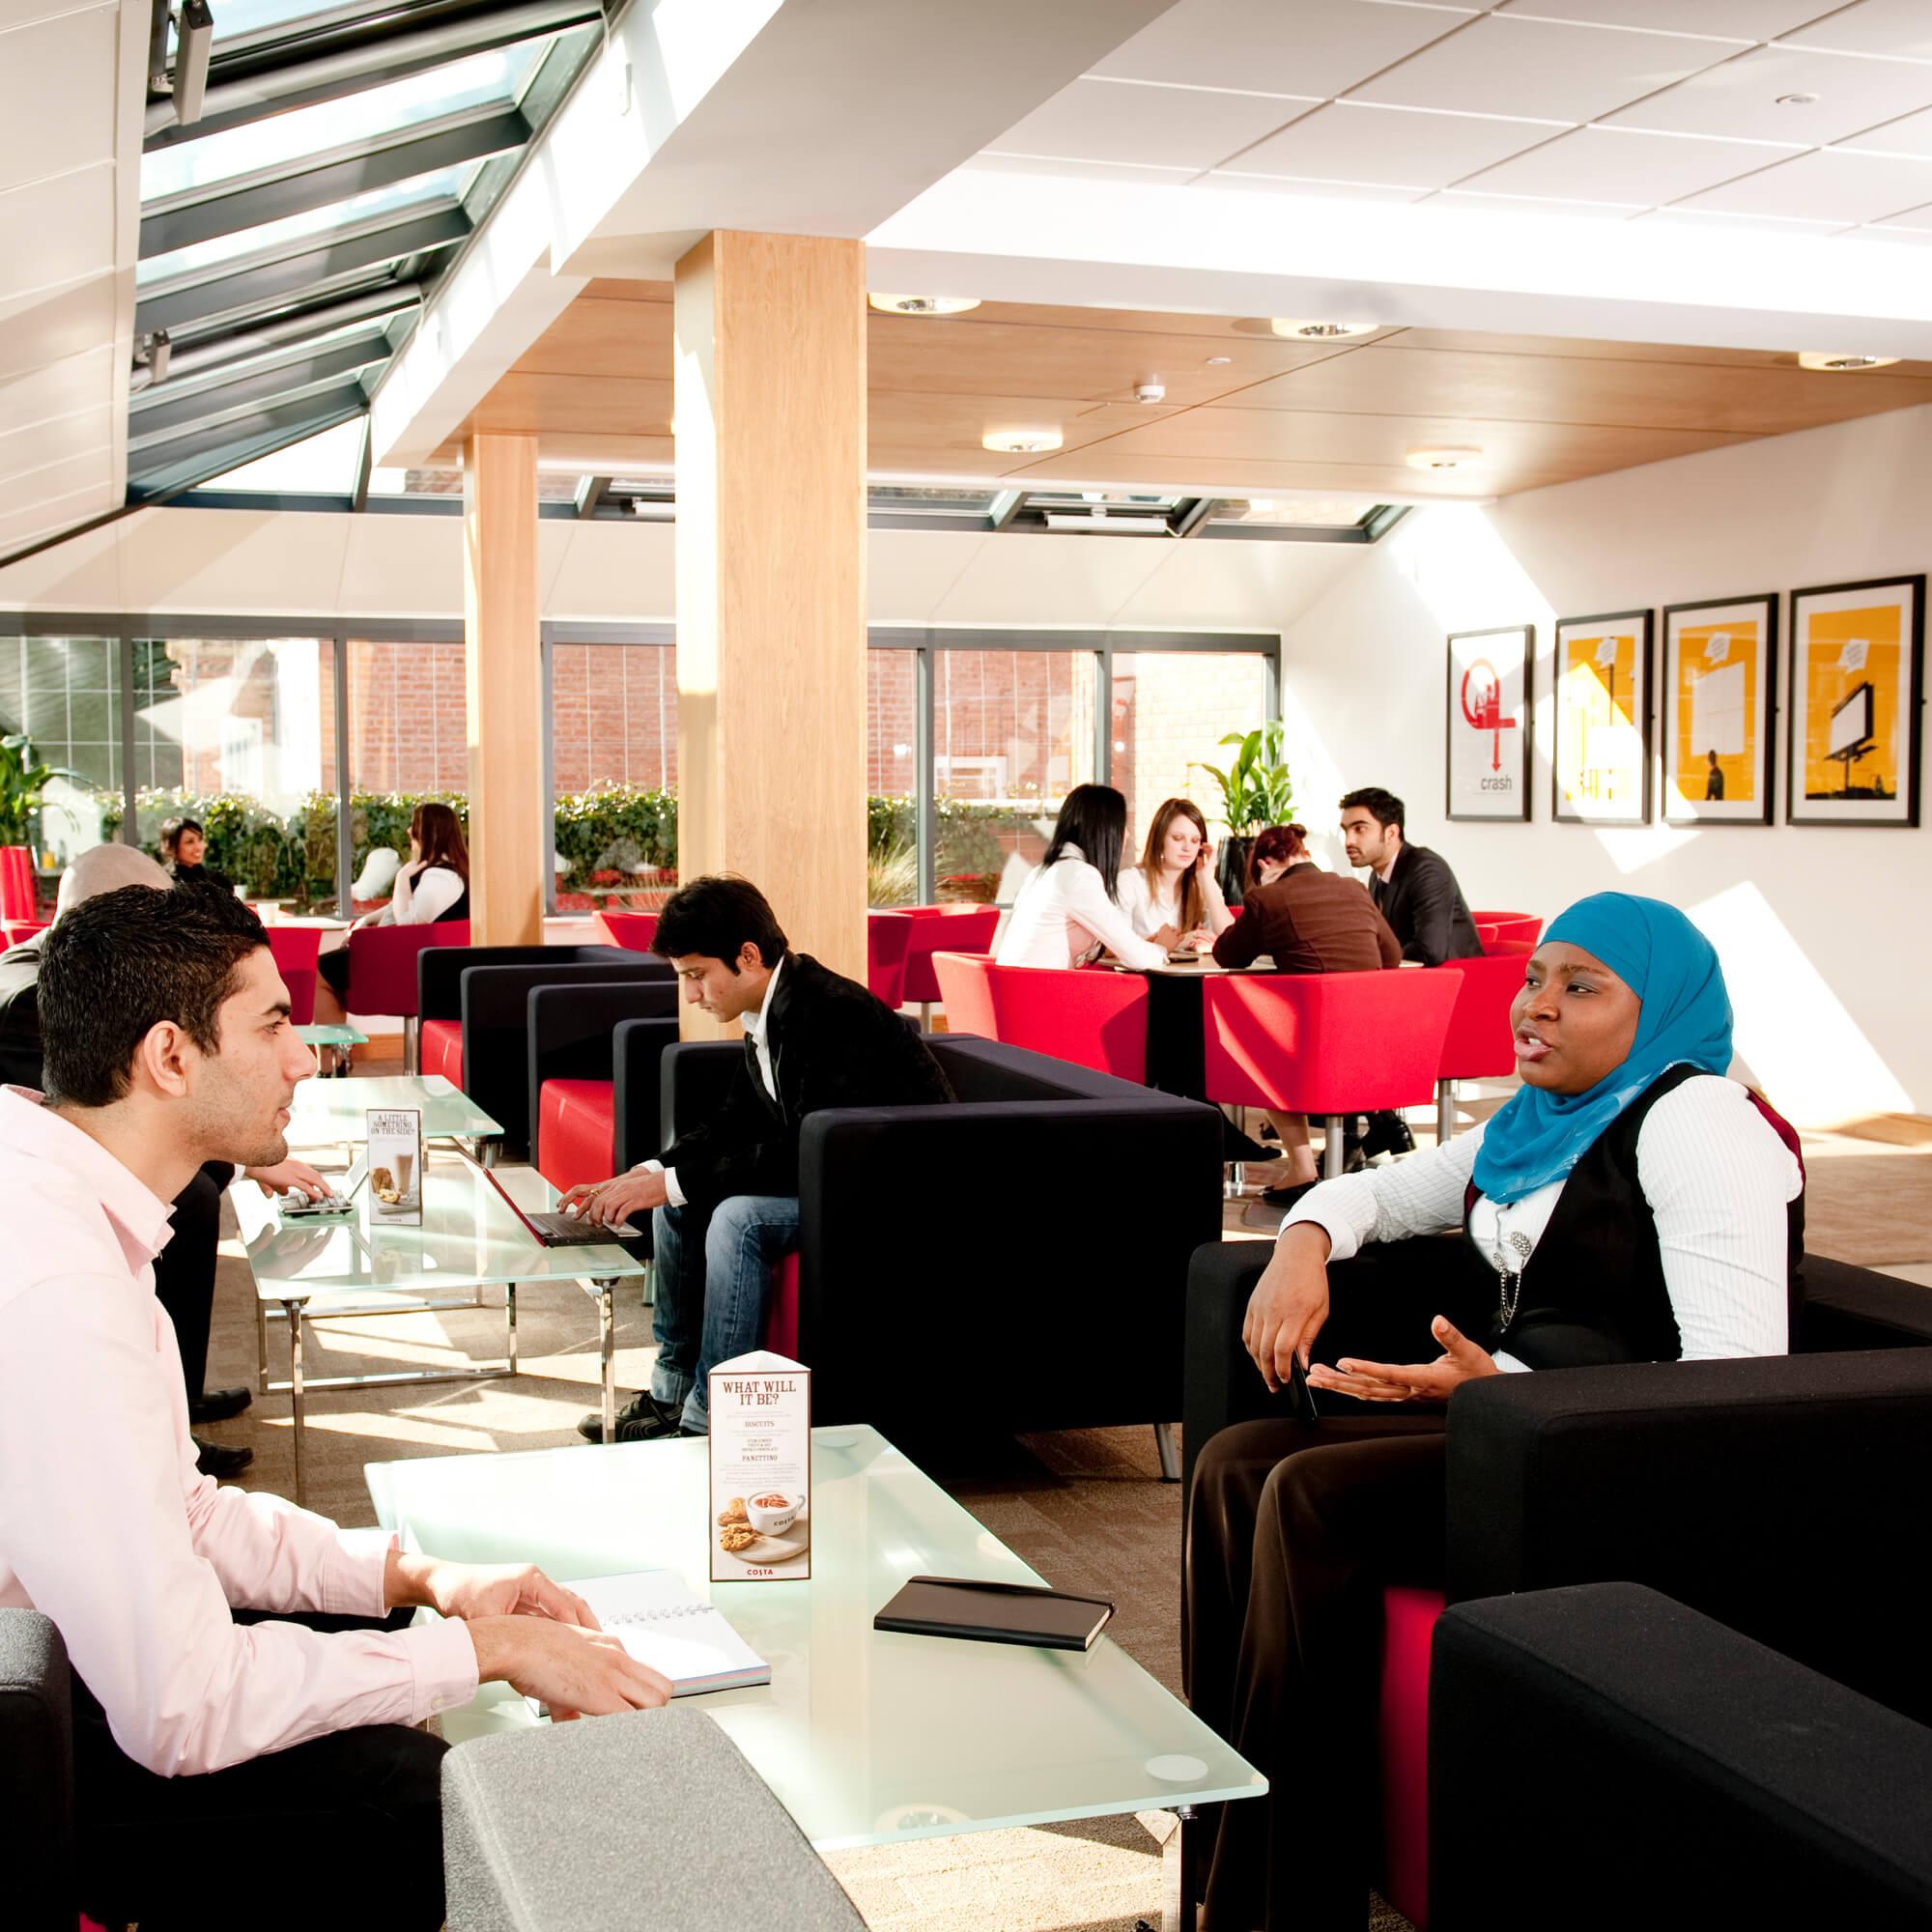 Breakout space at Enterprise Centre